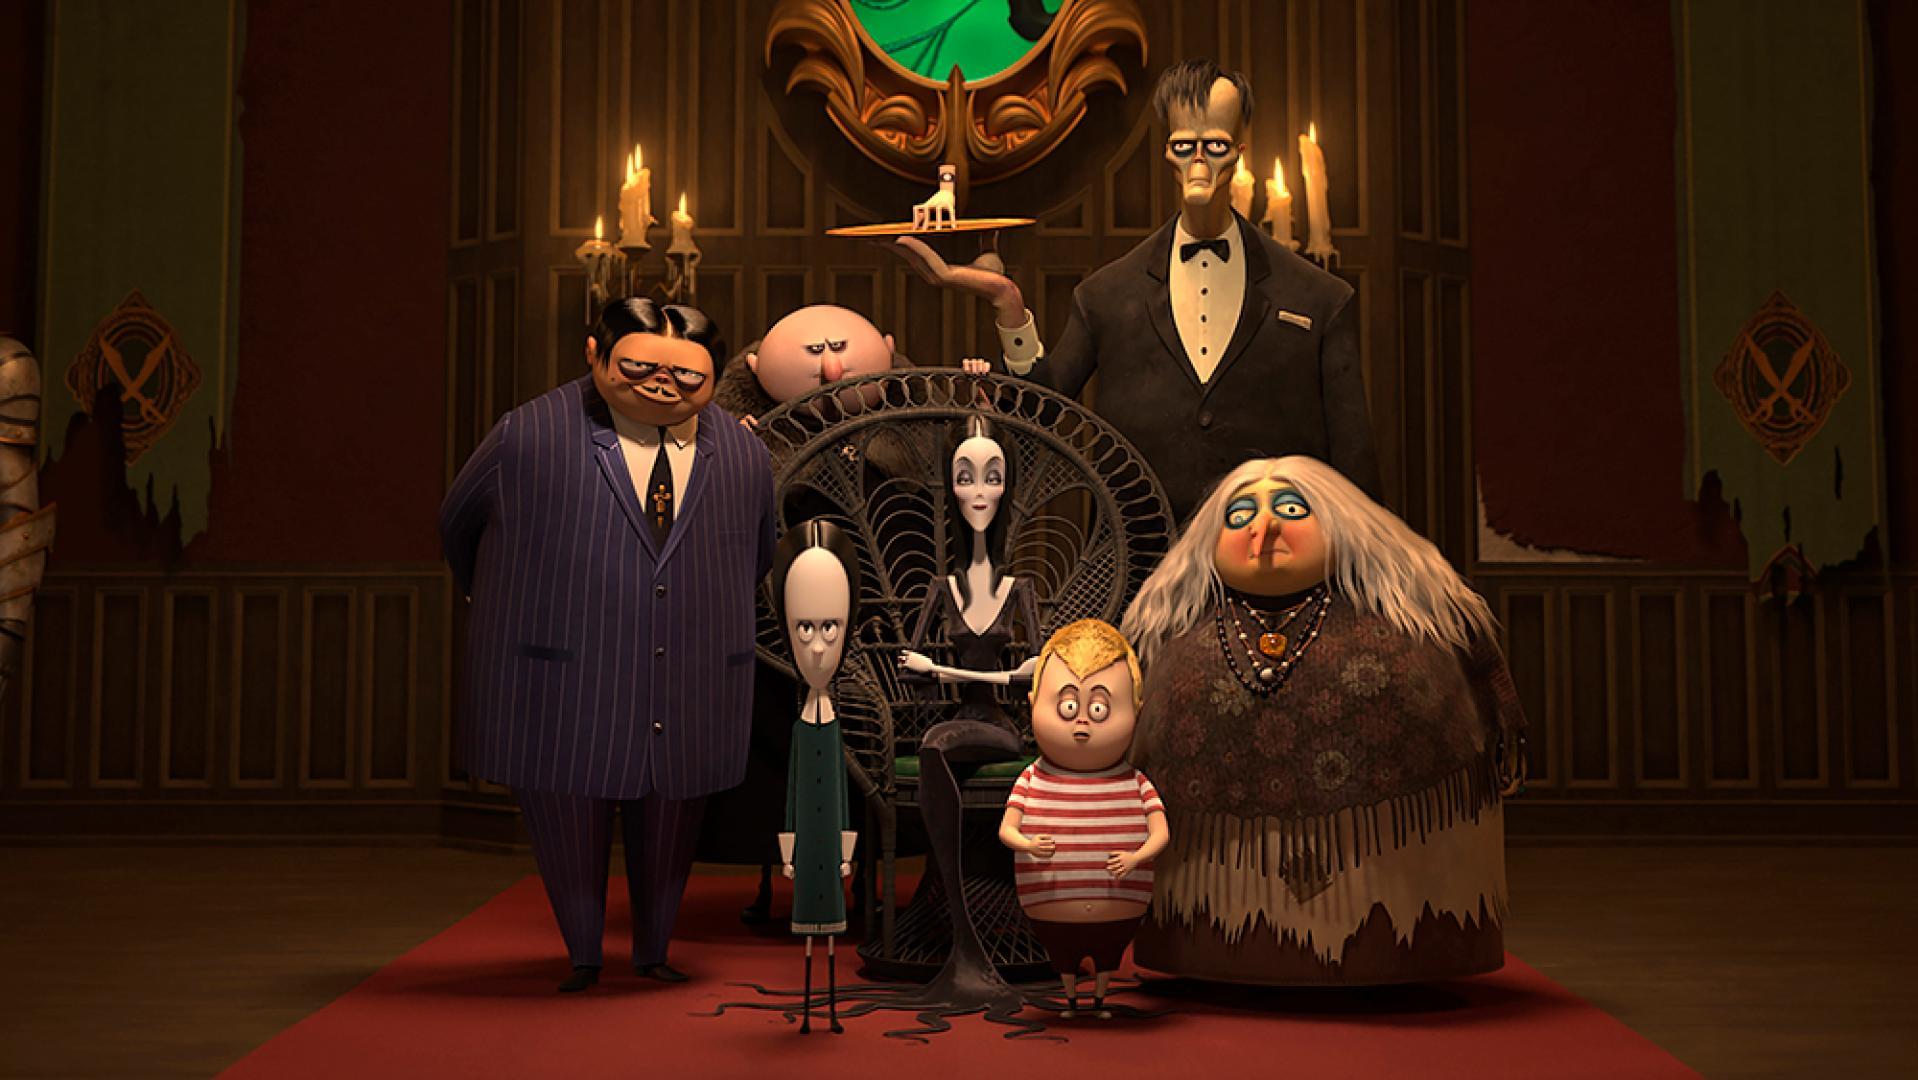 The Addams Family - A galád család (2019)